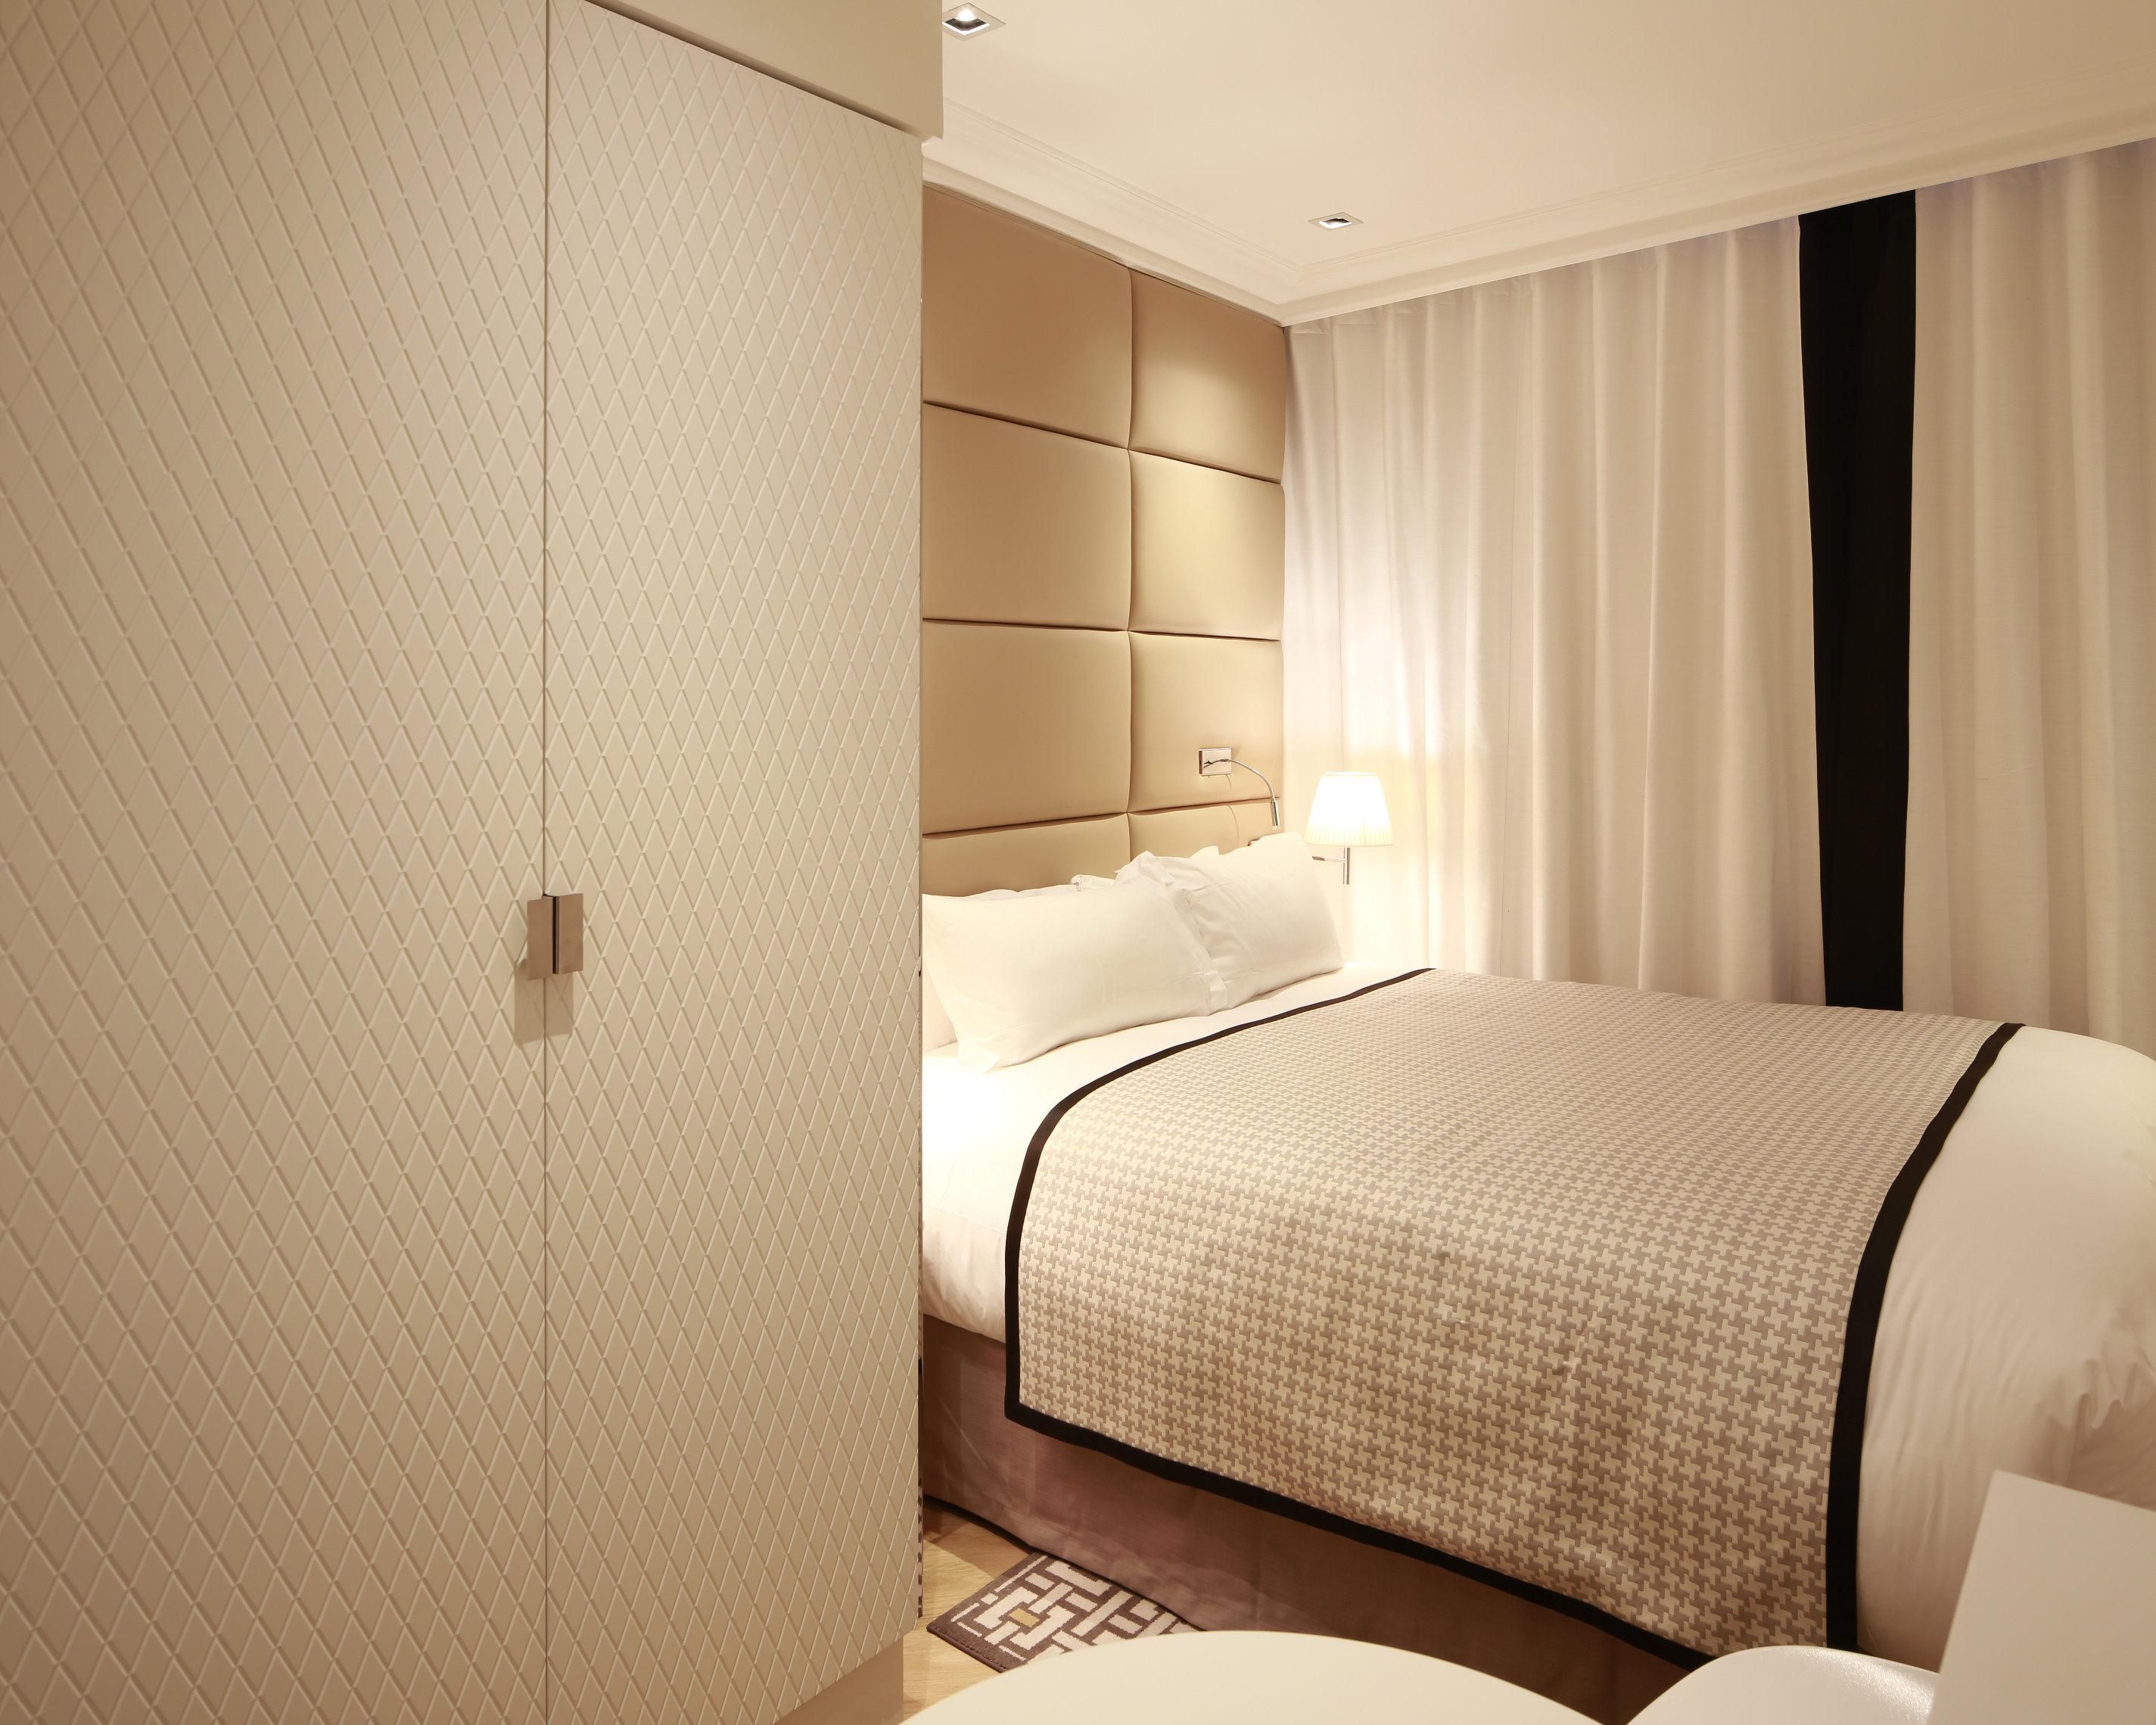 chambre familiale hotel r de paris. Black Bedroom Furniture Sets. Home Design Ideas